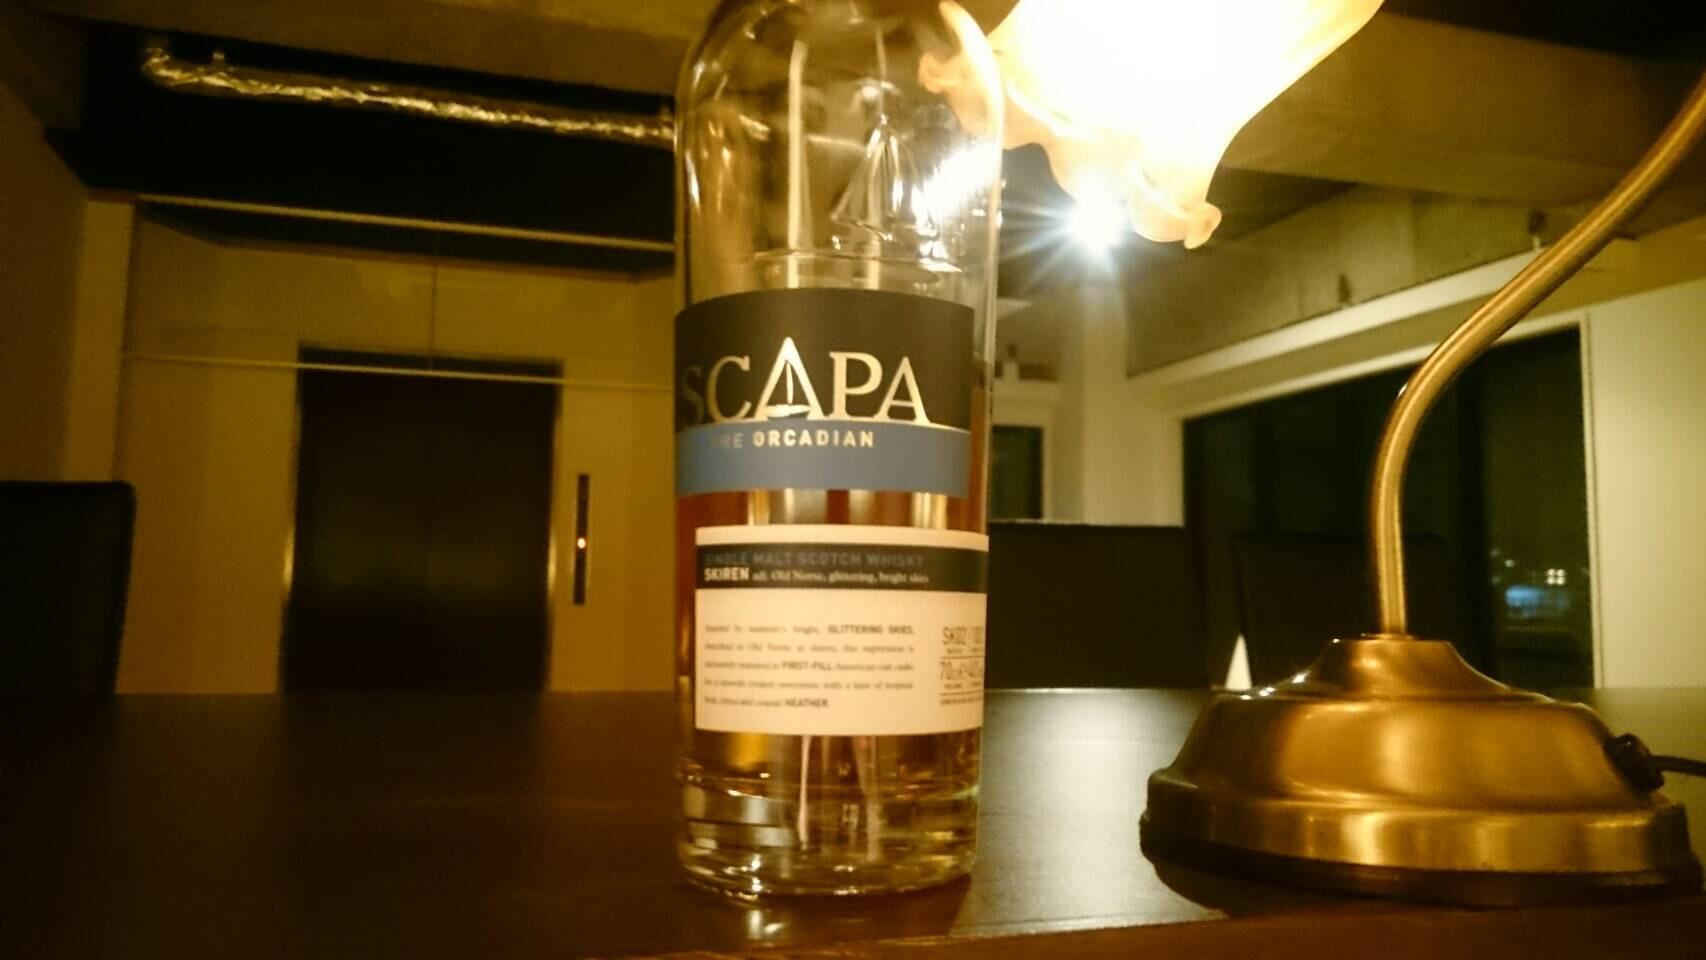 ウイスキー:SCAPA